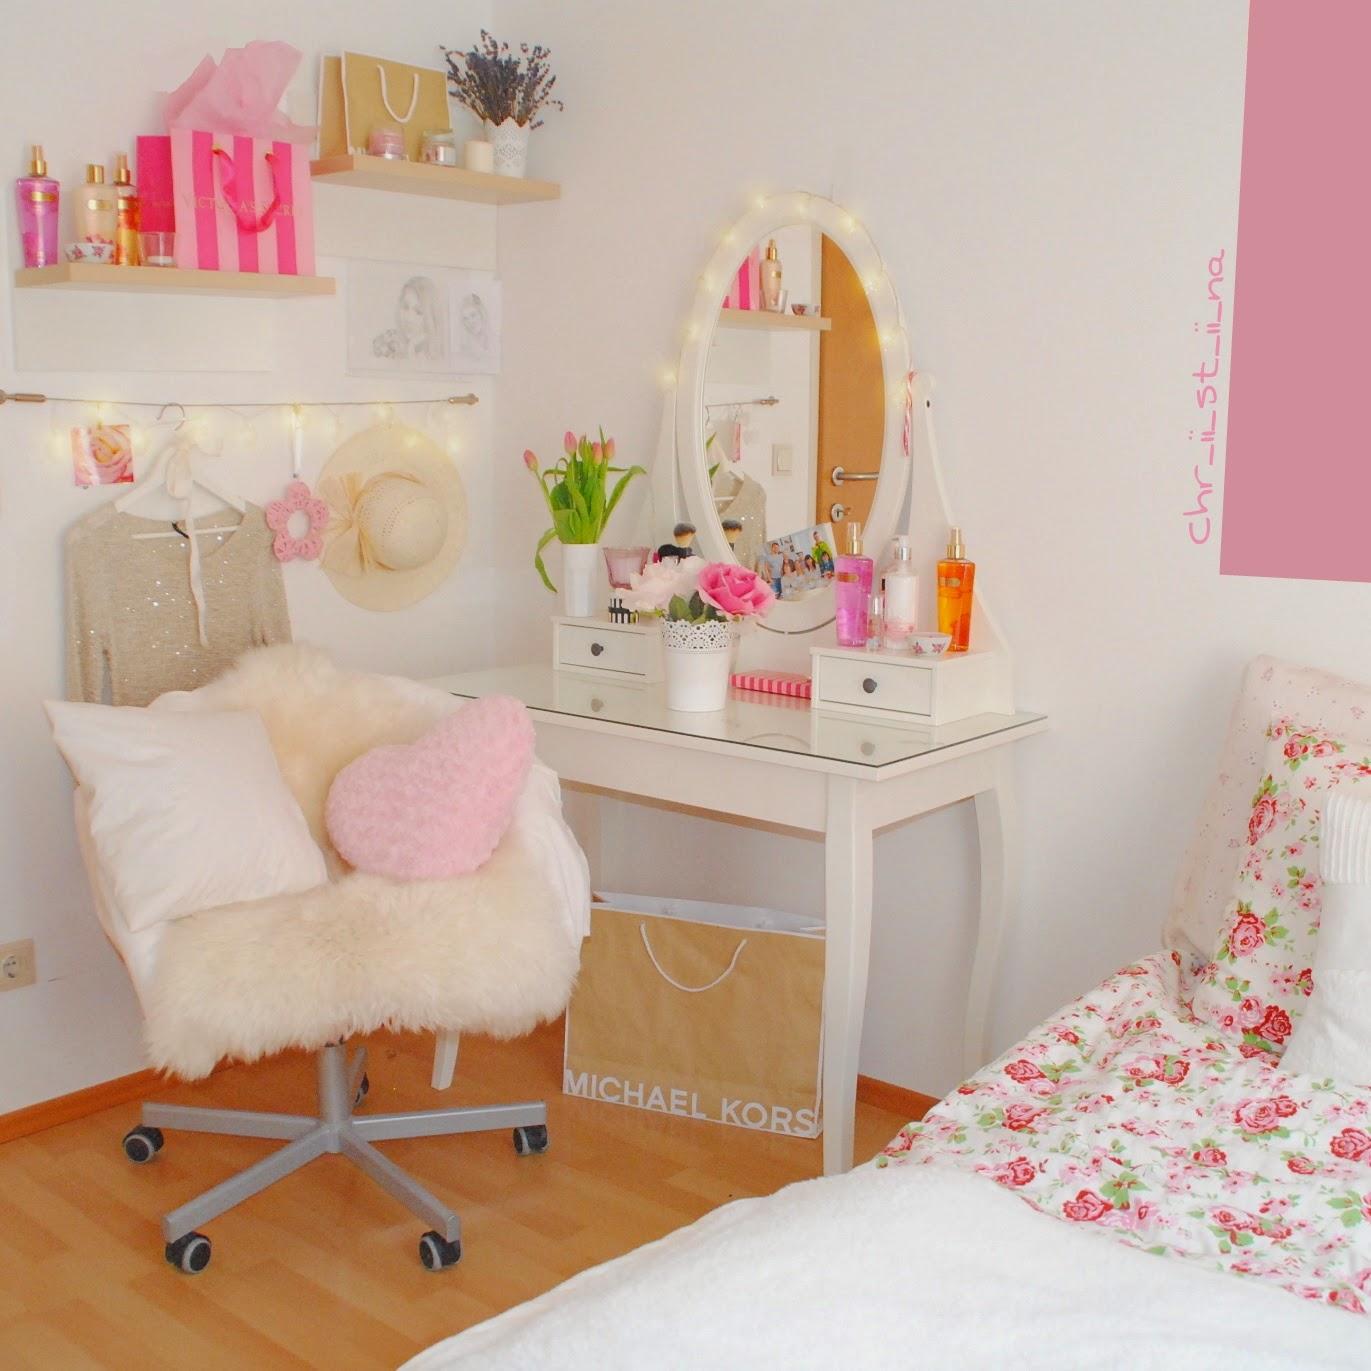 schminktisch ikea hemnes. Black Bedroom Furniture Sets. Home Design Ideas